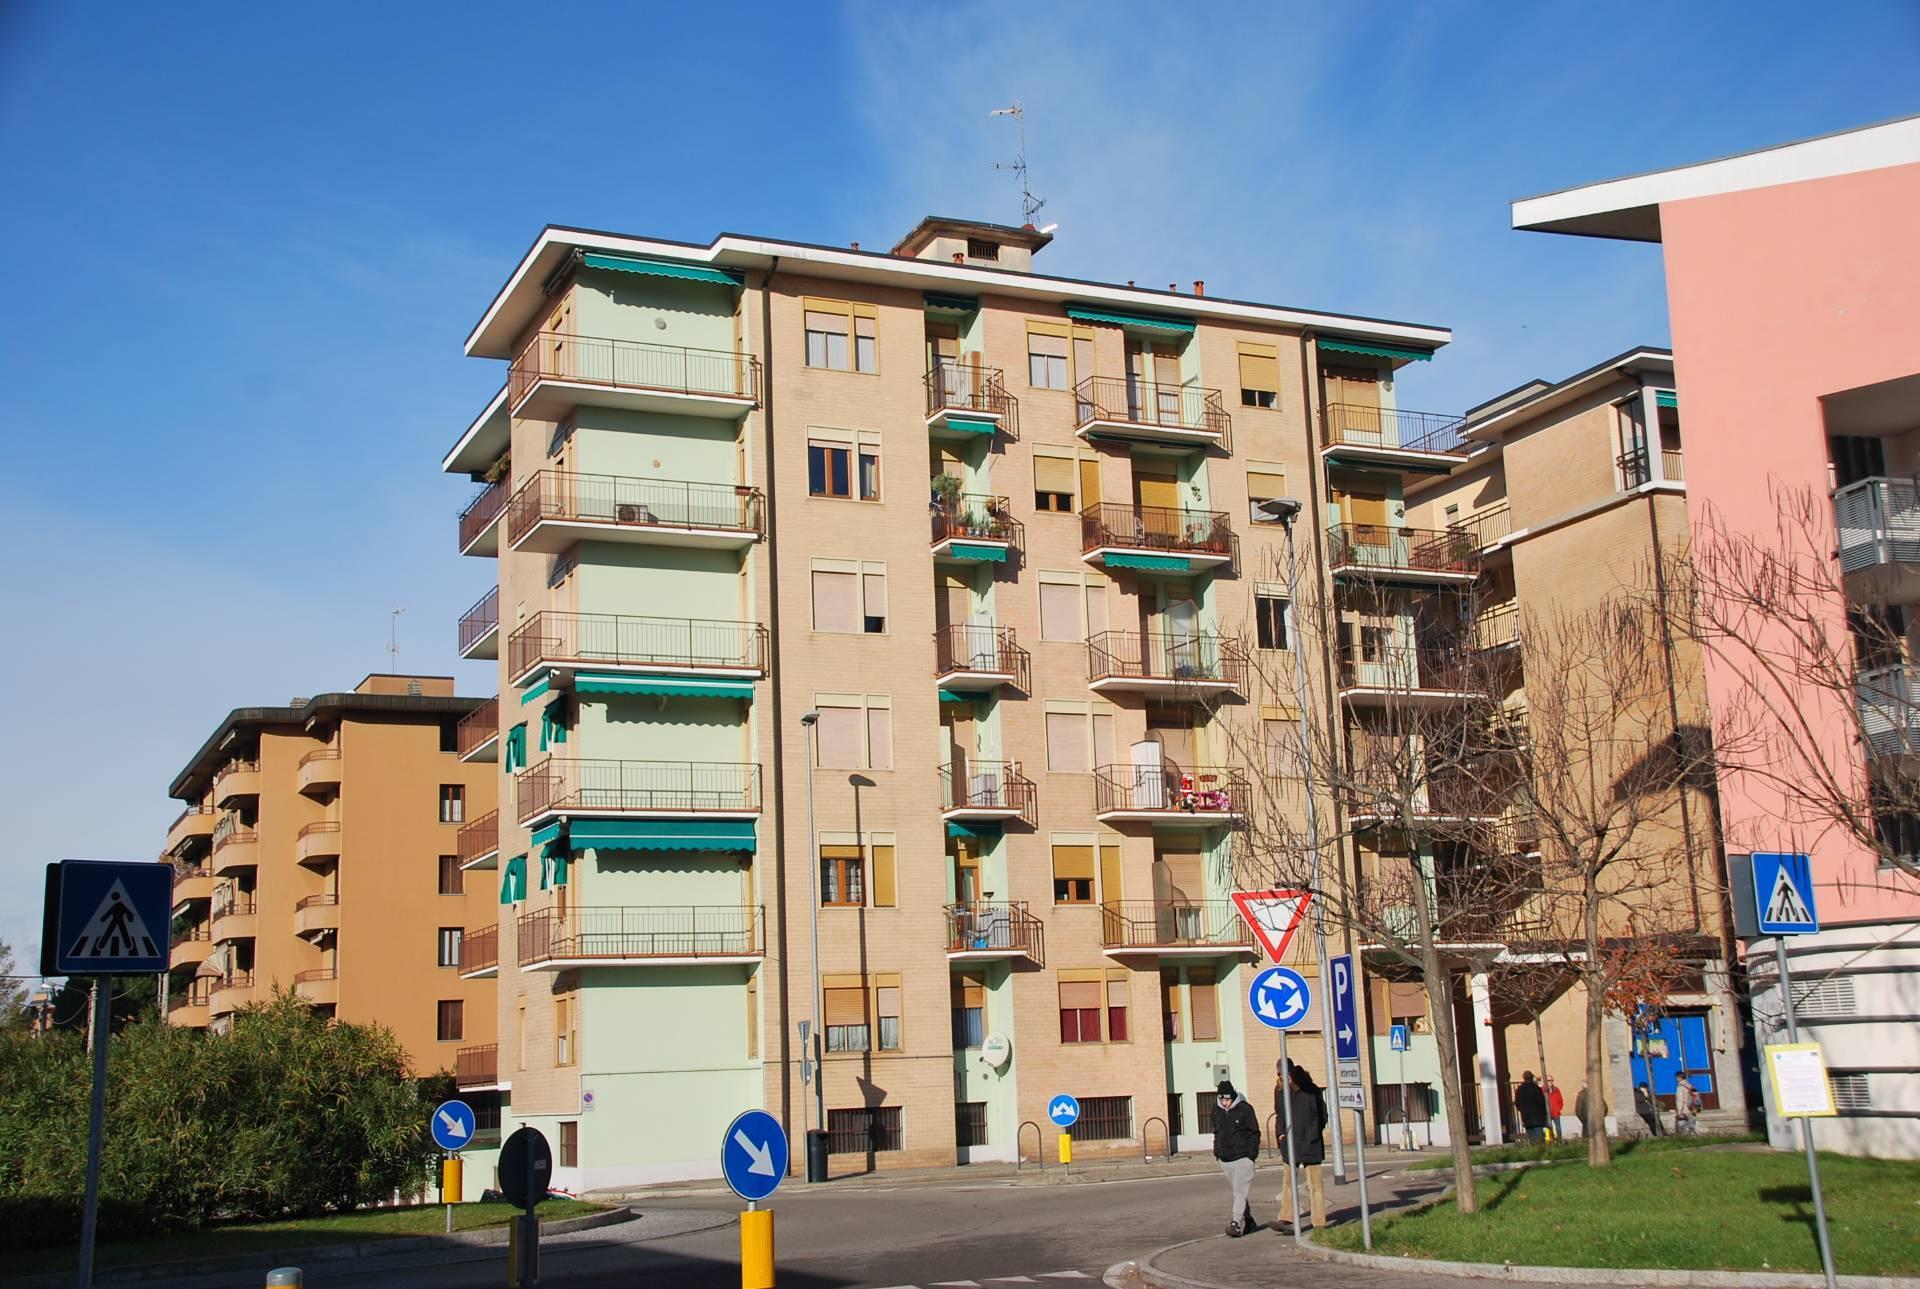 Appartamento in vendita a Laveno-Mombello, 2 locali, prezzo € 70.000 | CambioCasa.it